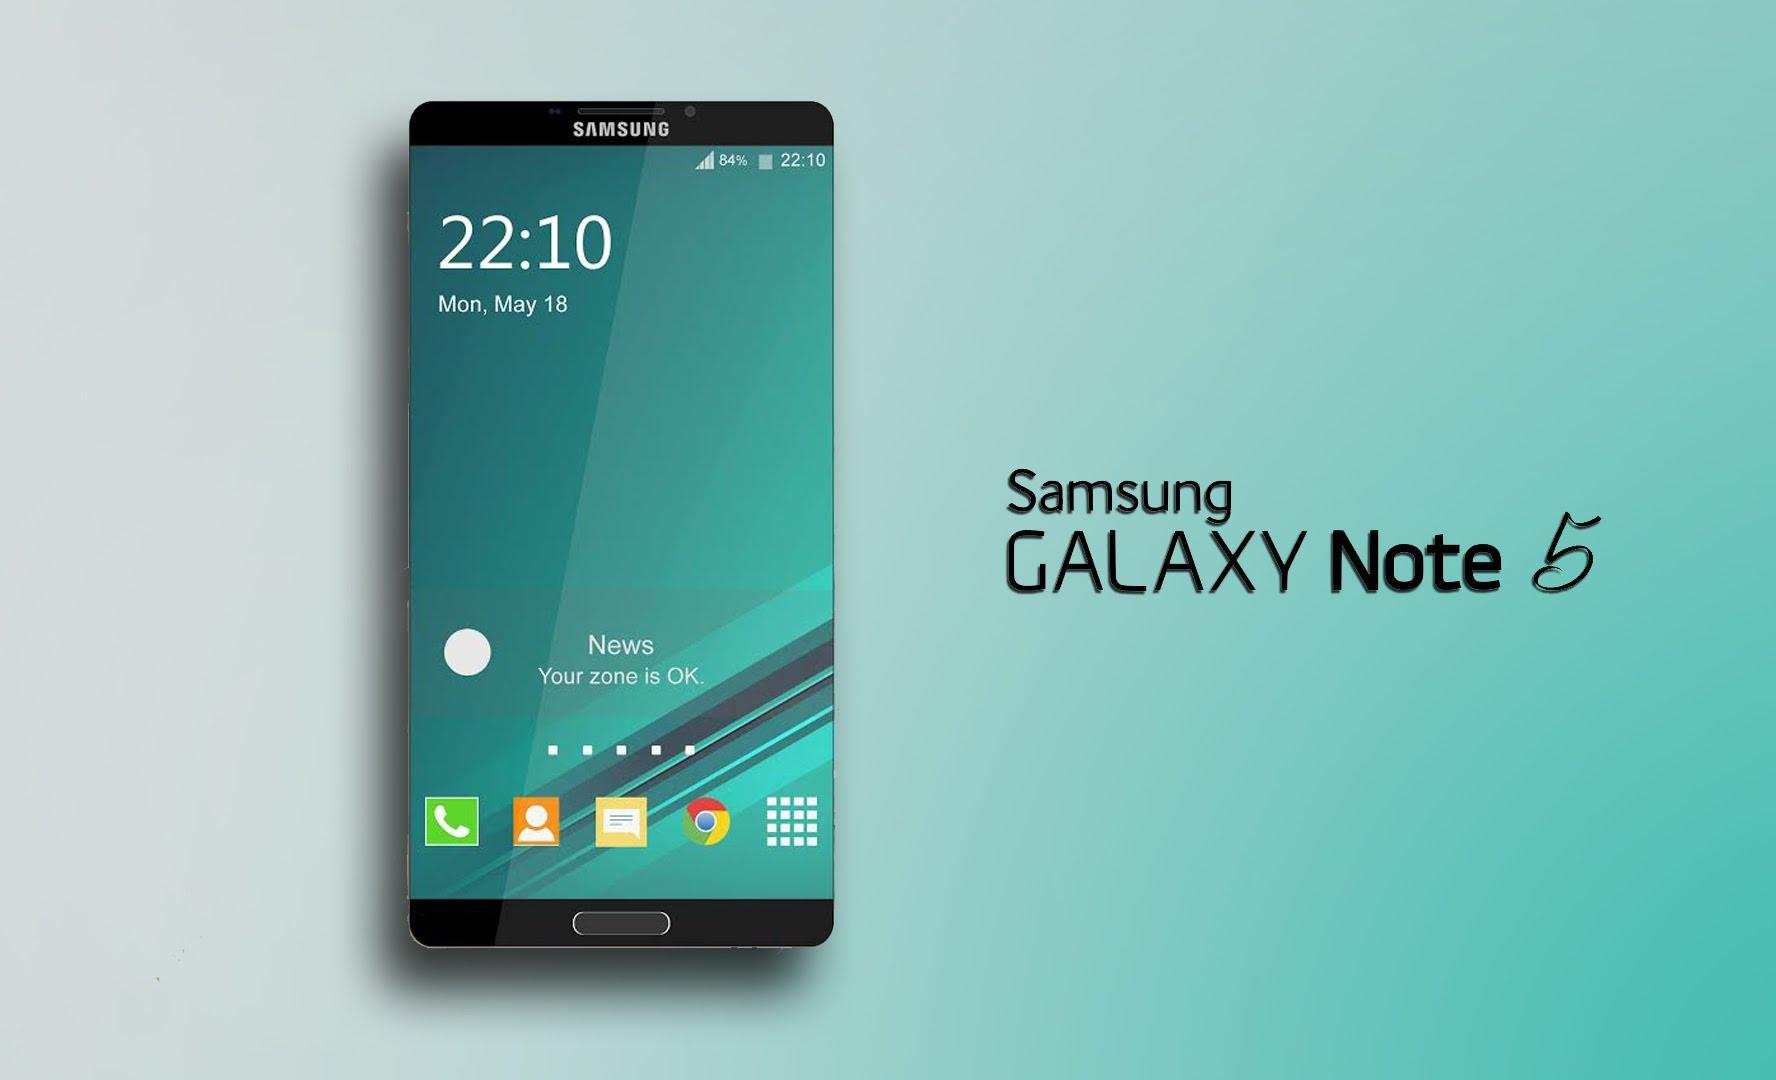 Il nuovo Samsung Galaxy Note 5 presentato dall'azienda coreana è un telefono dalle ottime prestazioni